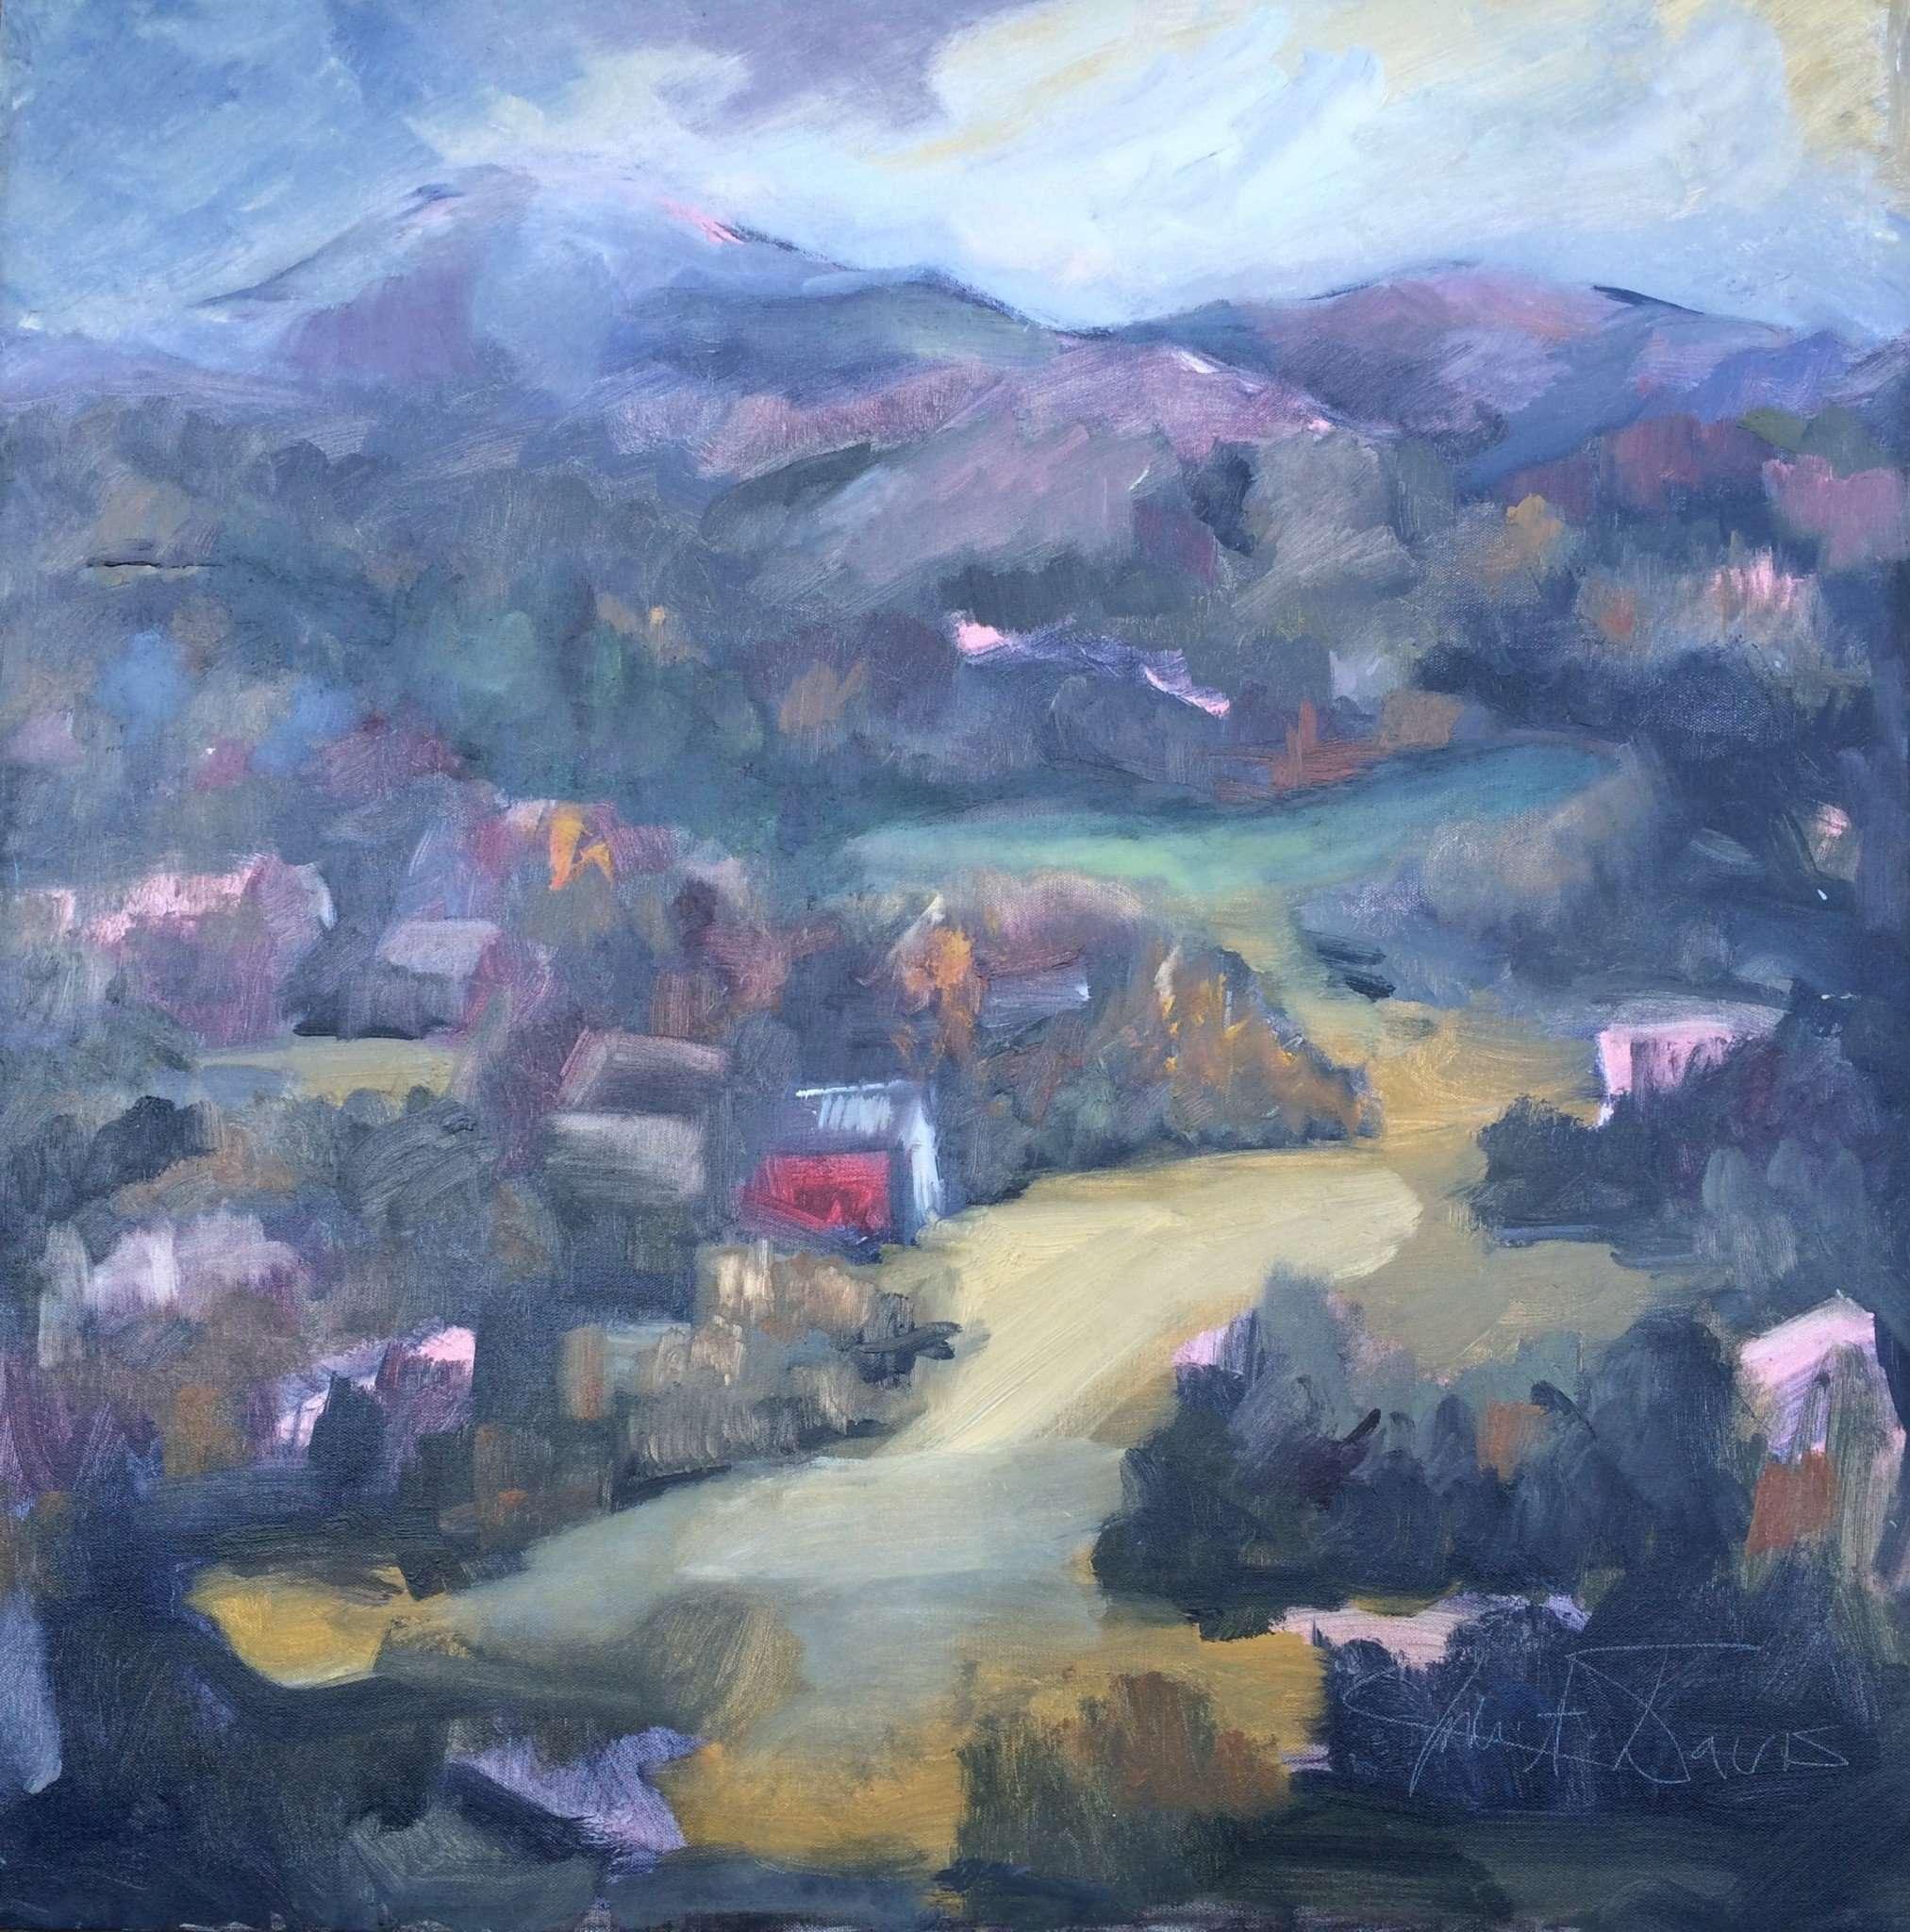 Julie A. Davis - Rugged painting